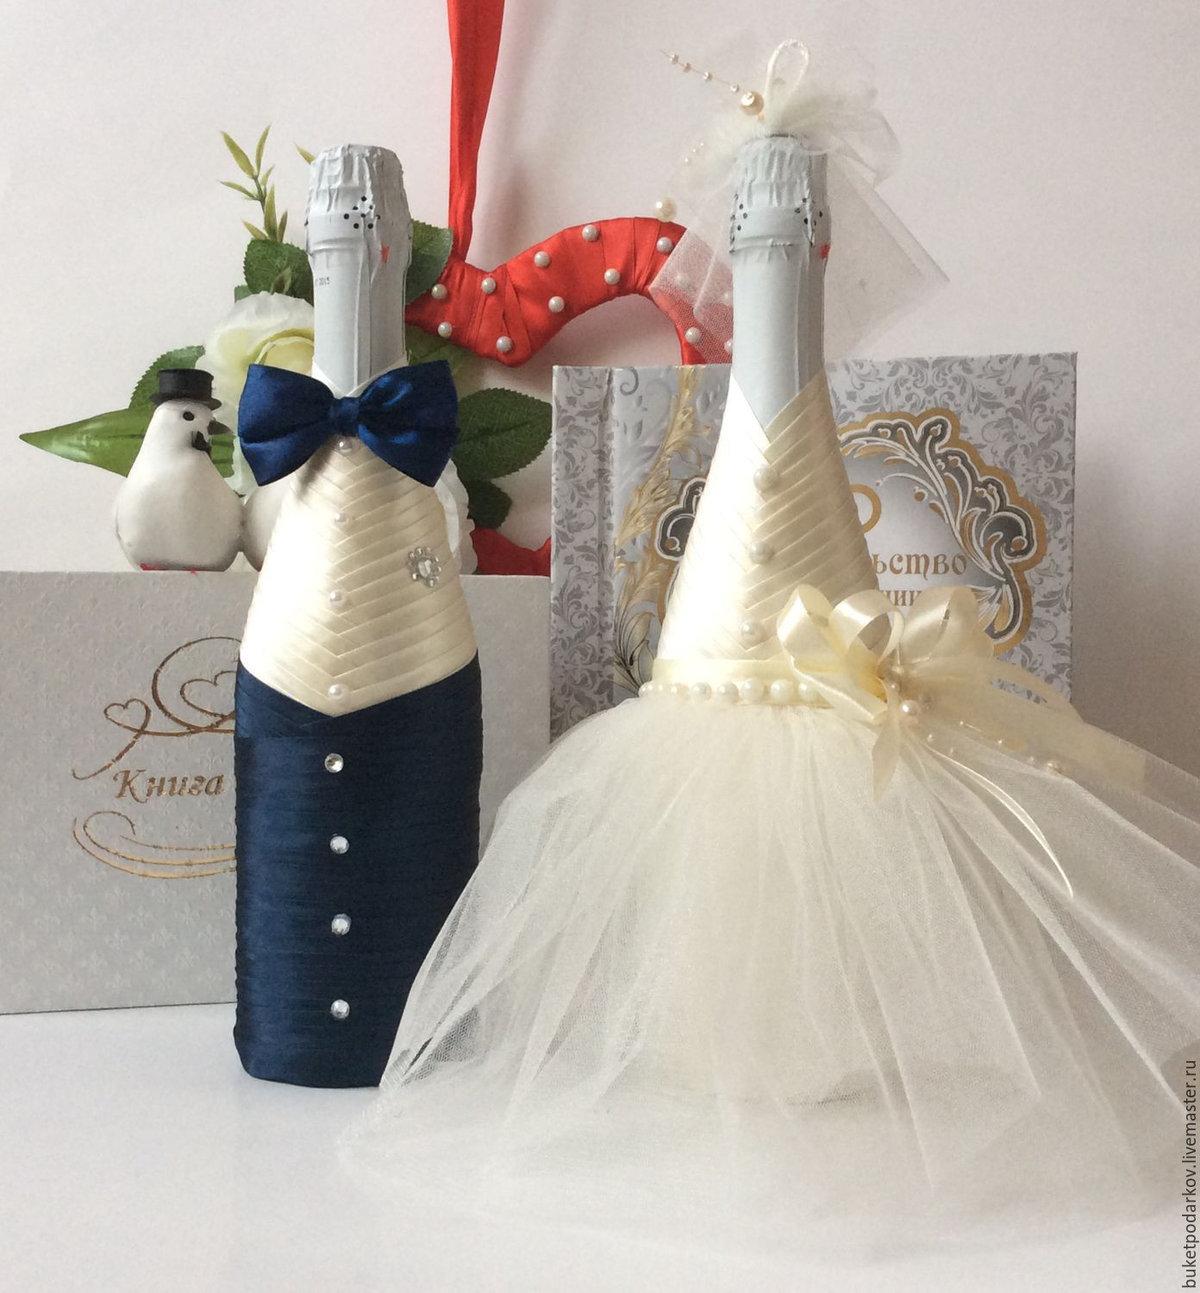 Как сделать свадебные бутылки своими руками мастер класс 576